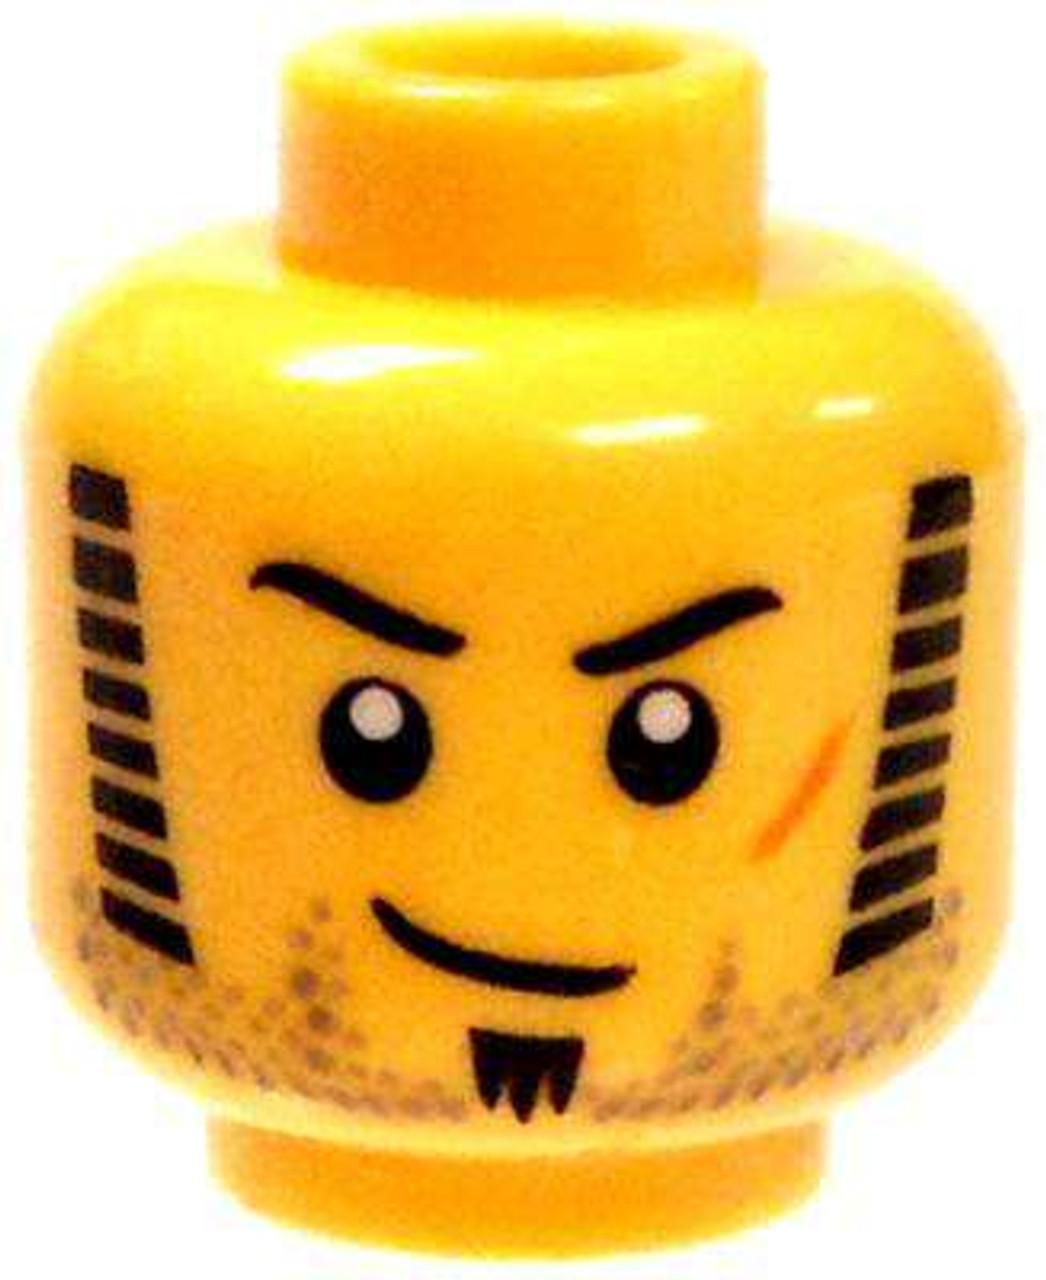 Lego Technic Technik 4 dünne Liftarme//Bügel 3x3 Löcher #32249 orange